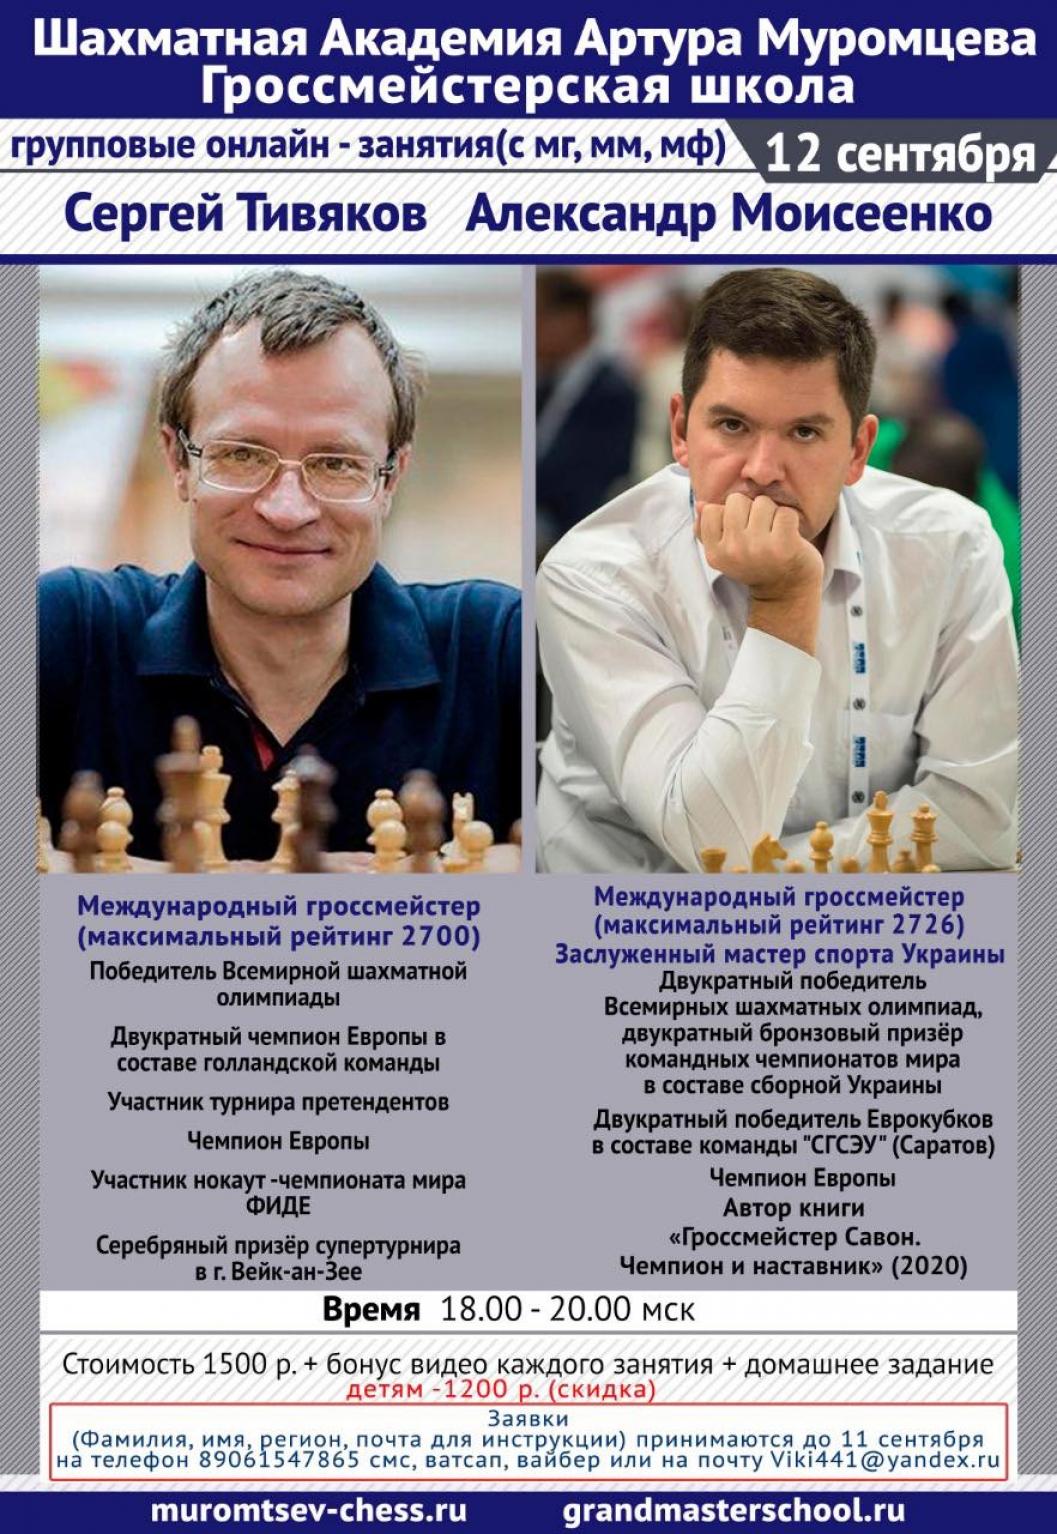 Сергей Тивяков